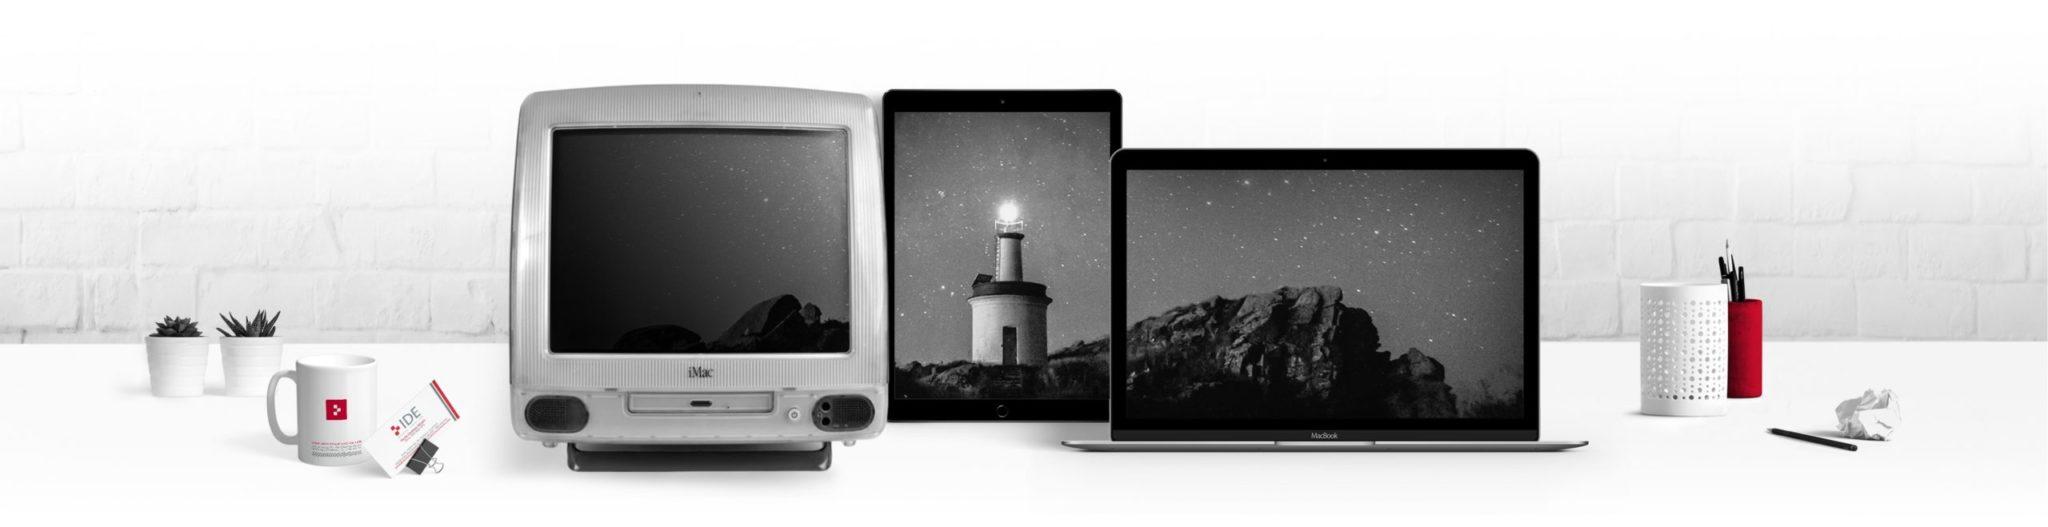 imagen de cielo estrellado con un faro gallego en tres pantallas con el logo de IDE